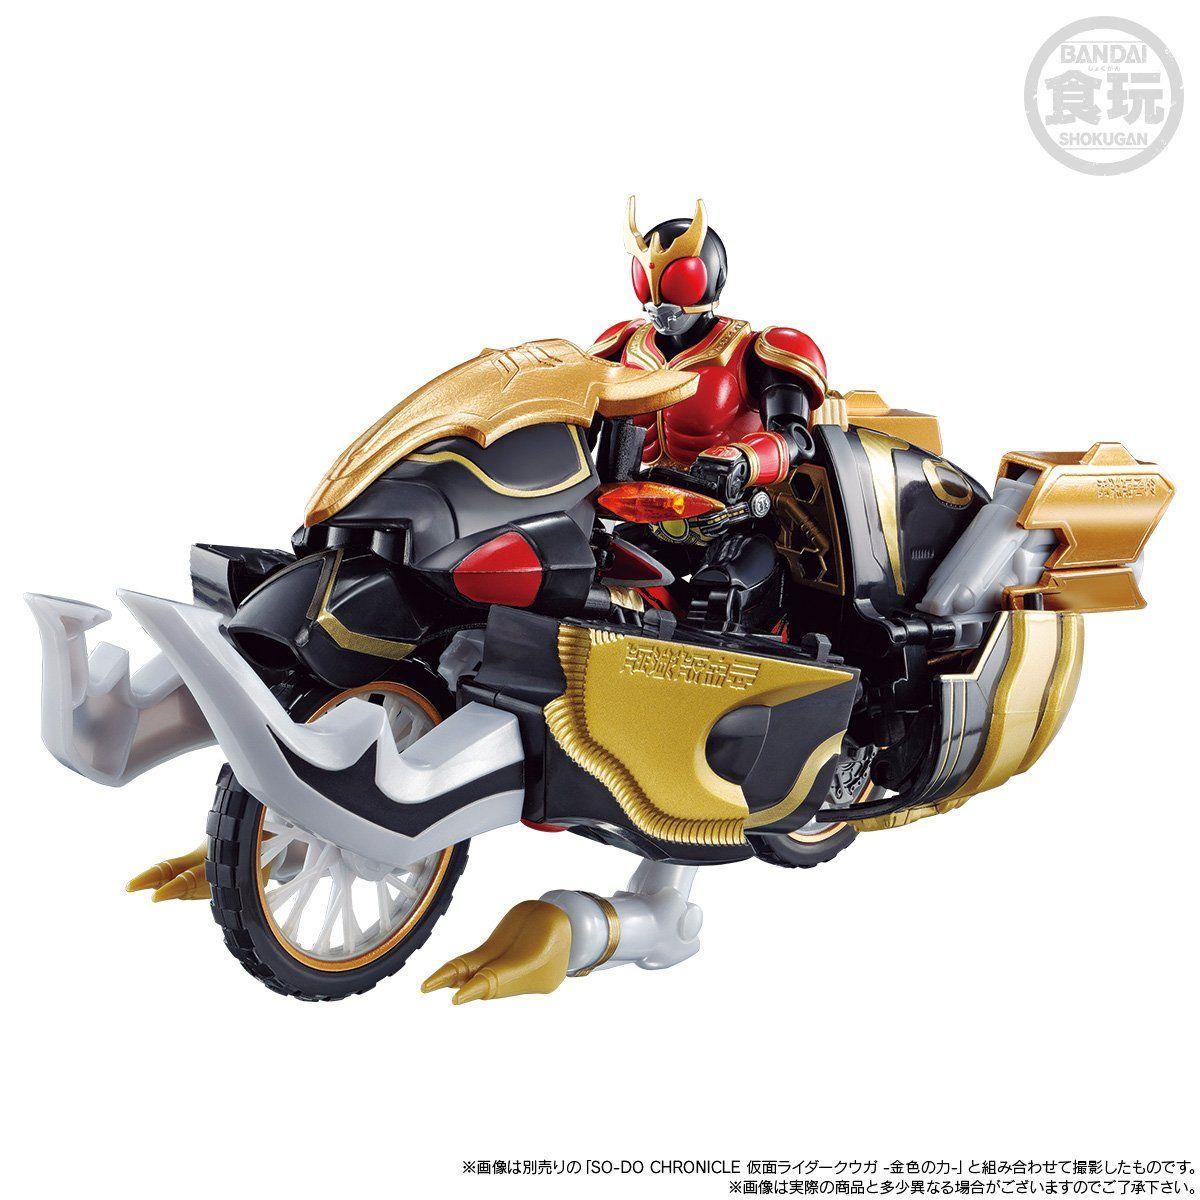 【限定販売】【食玩】SO-DO CHRONICLE『仮面ライダークウガトライチェイサー2000&装甲機ゴウラムセット』可動フィギュア-008